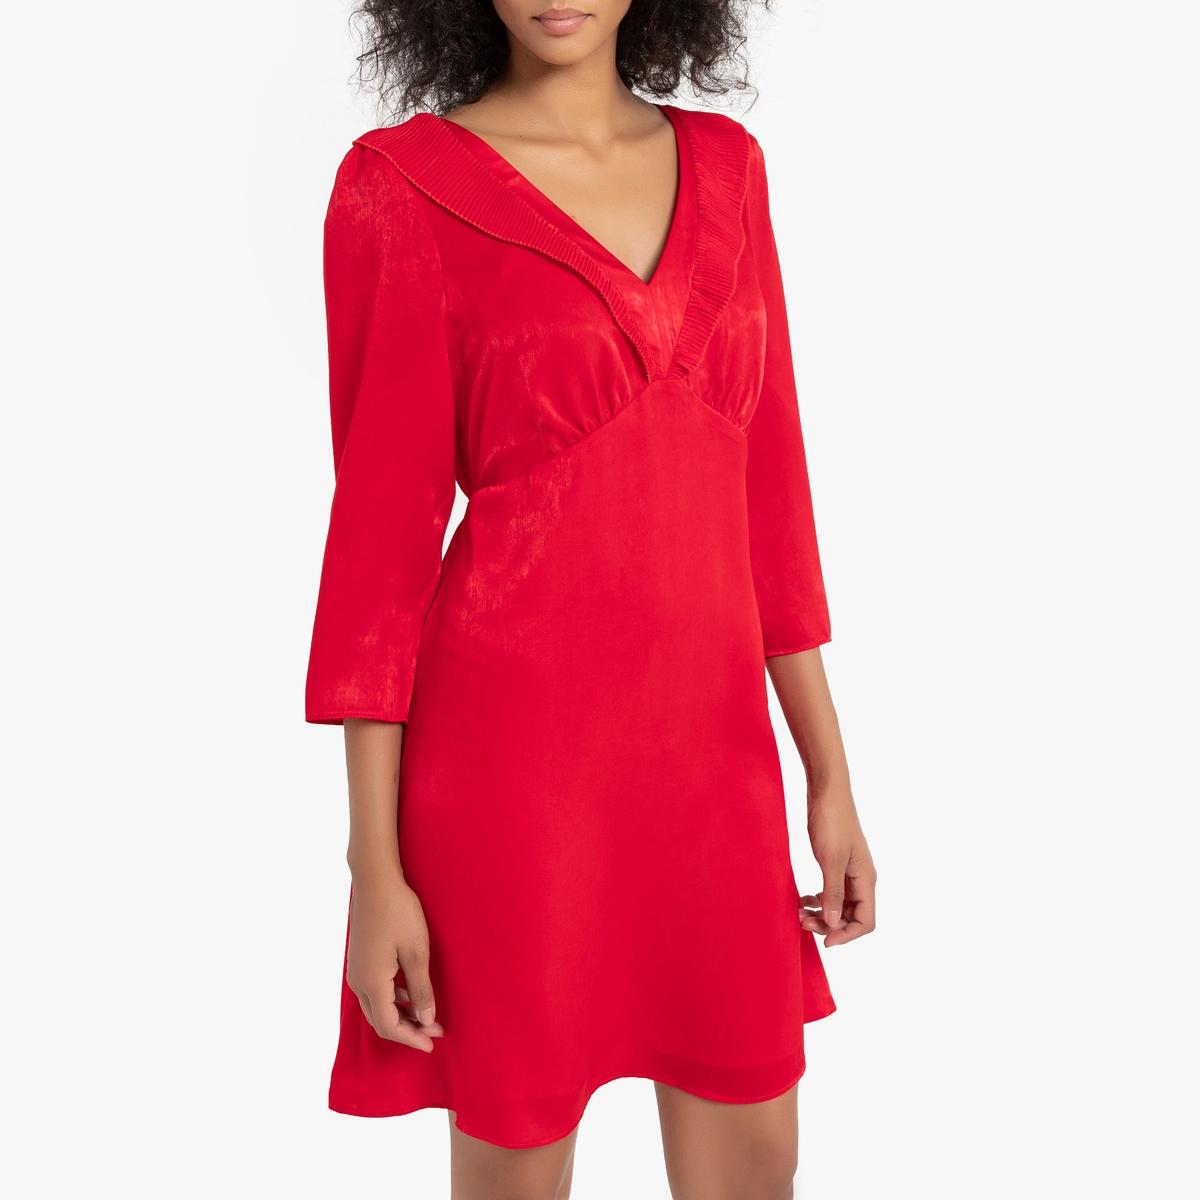 Платье La Redoute Расклешенное атласное с длинными рукавами и деталями на вырезе 36 (FR) - 42 (RUS) красный блузка la redoute в клетку с украшениями на вырезе 36 fr 42 rus синий